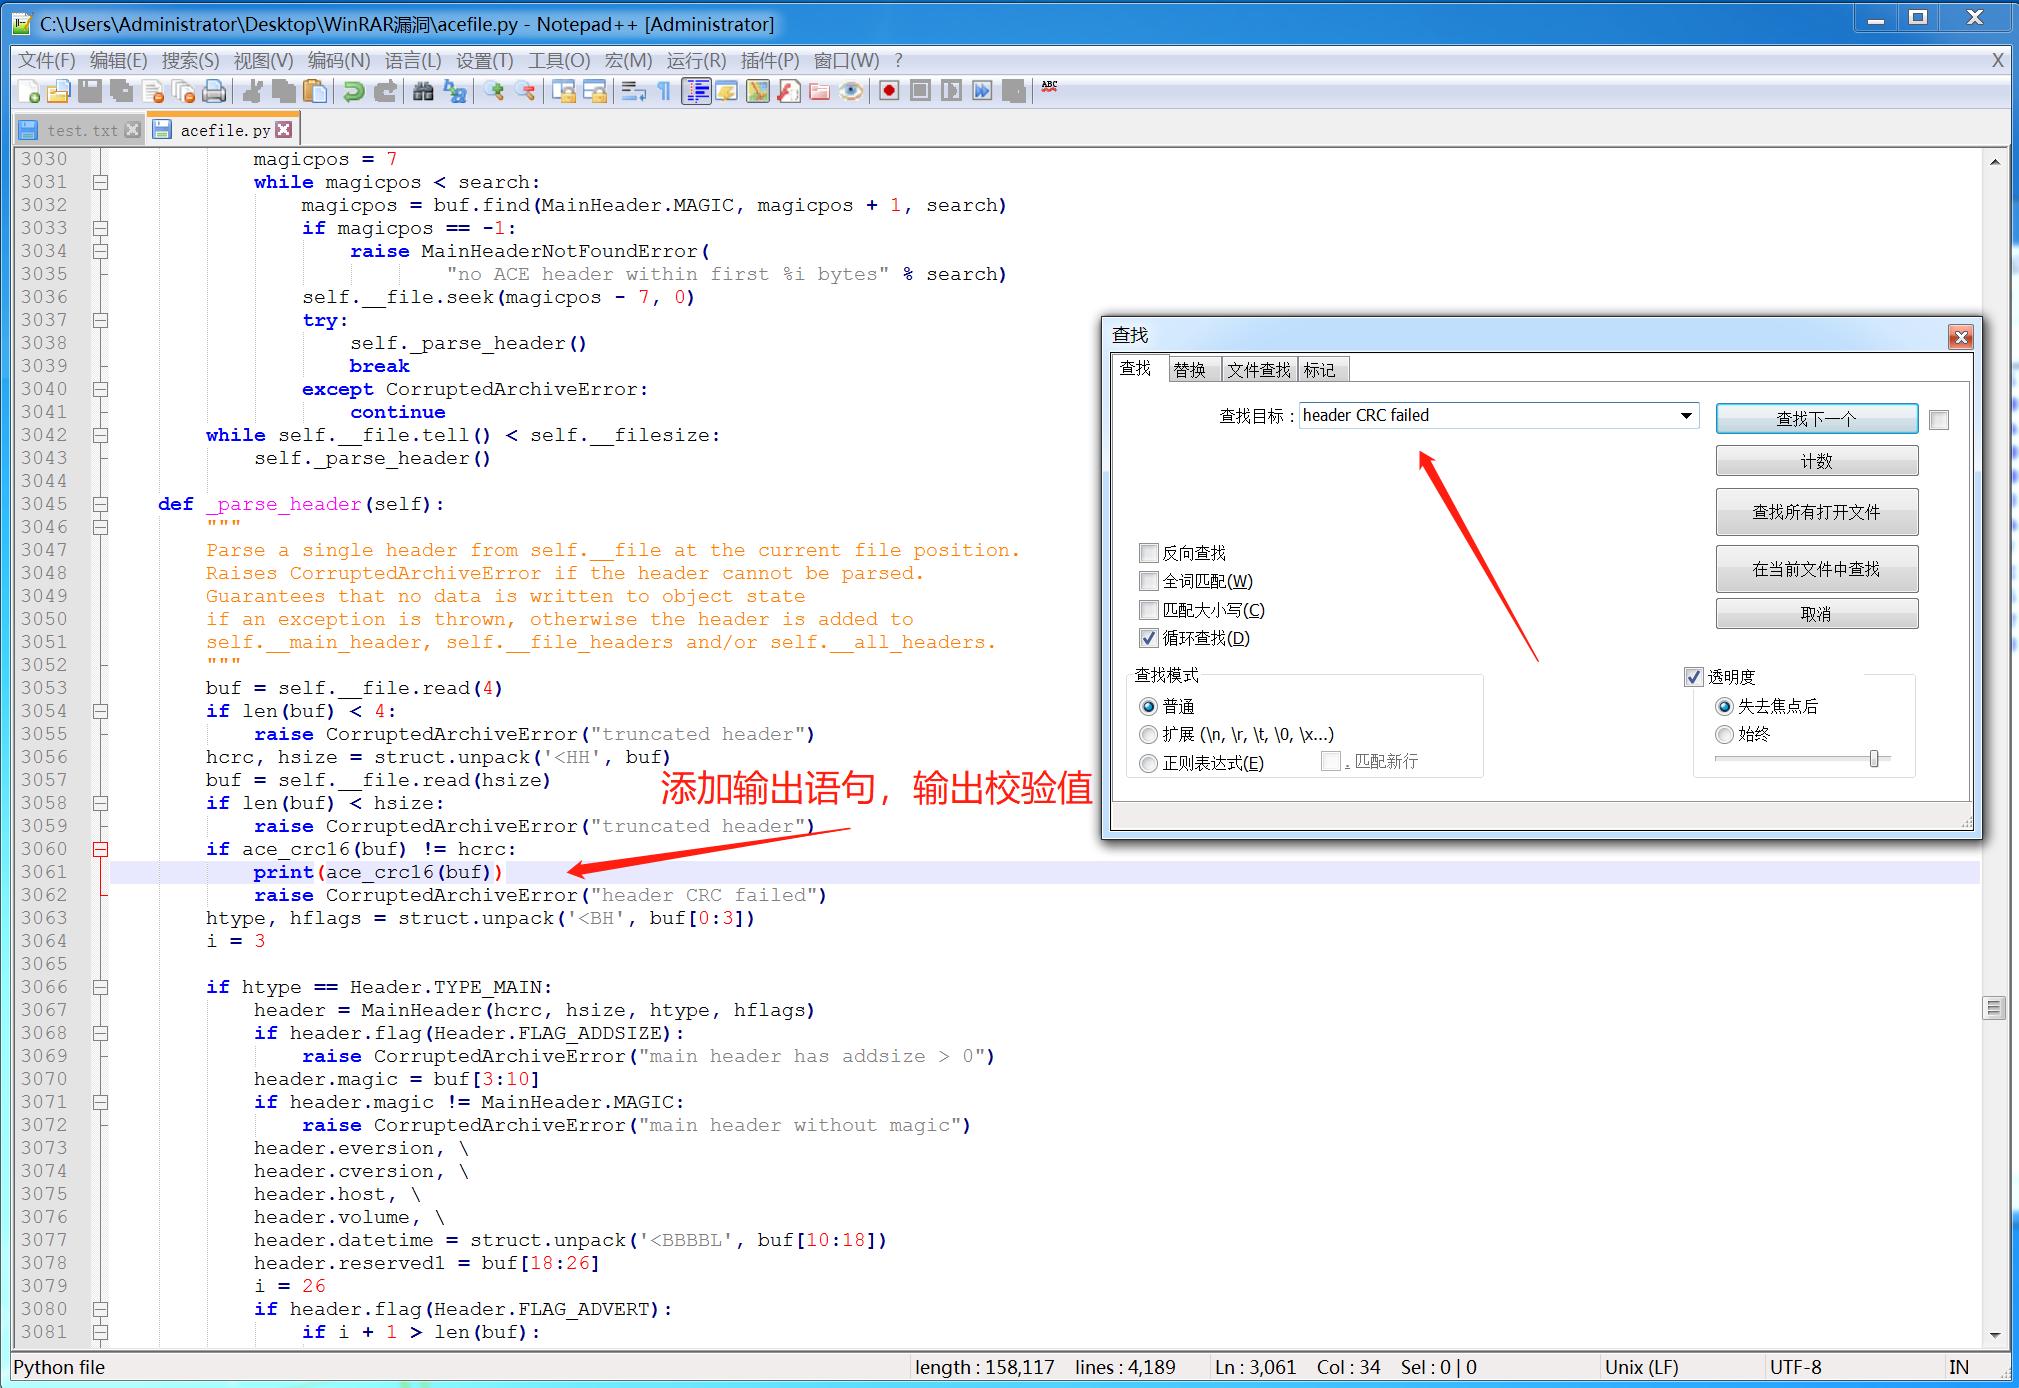 WinRAR-Code-Execution-11